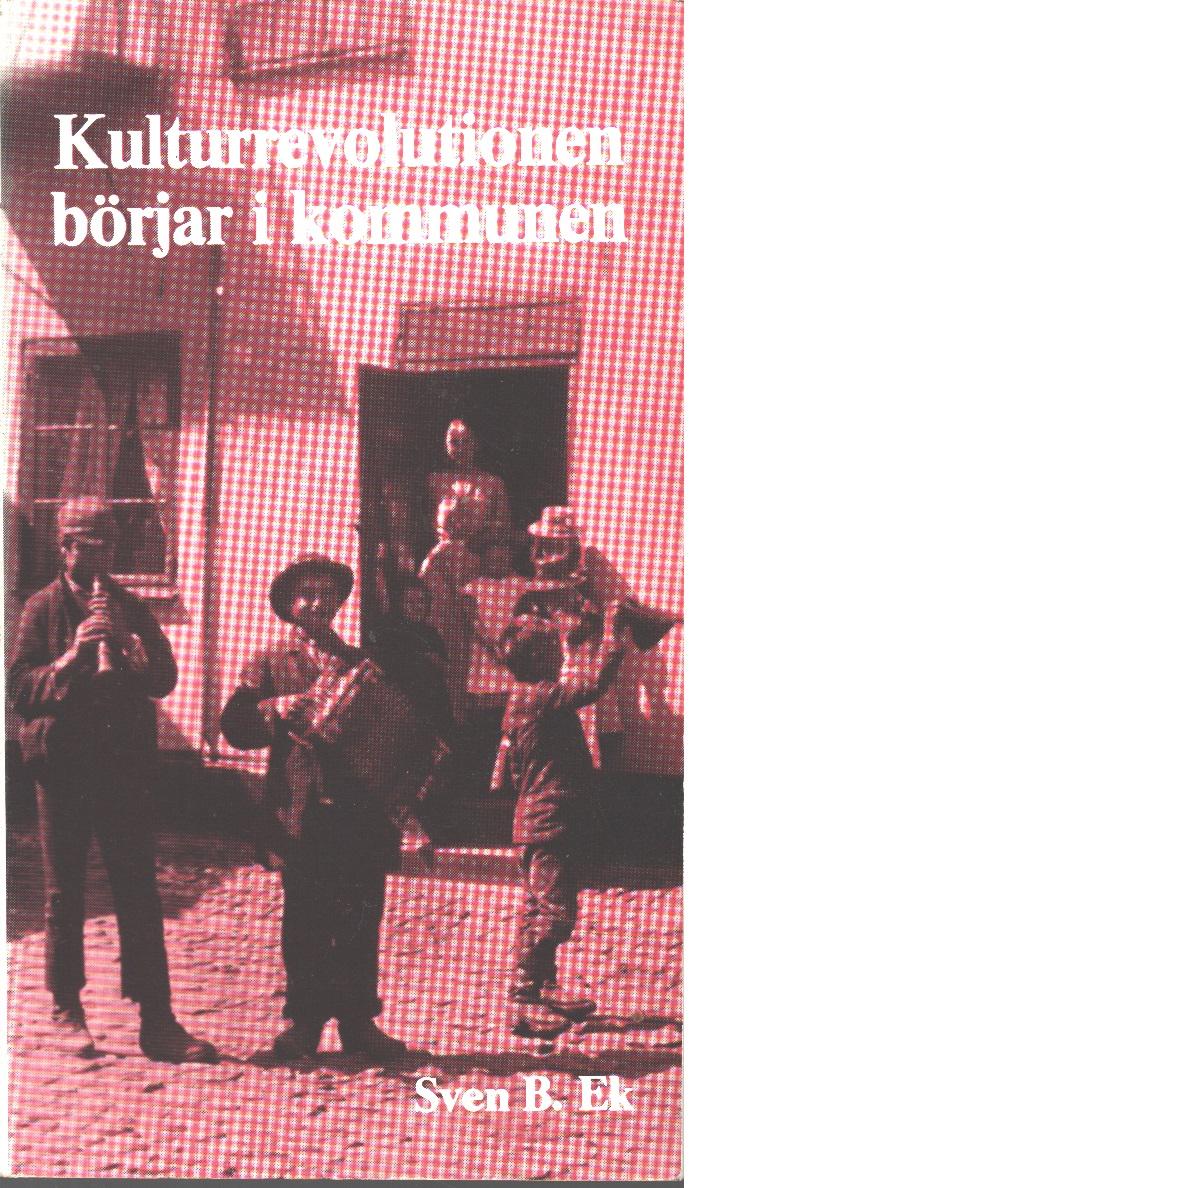 Kulturrevolutionen börjar i kommunen - Ek, Sven B.